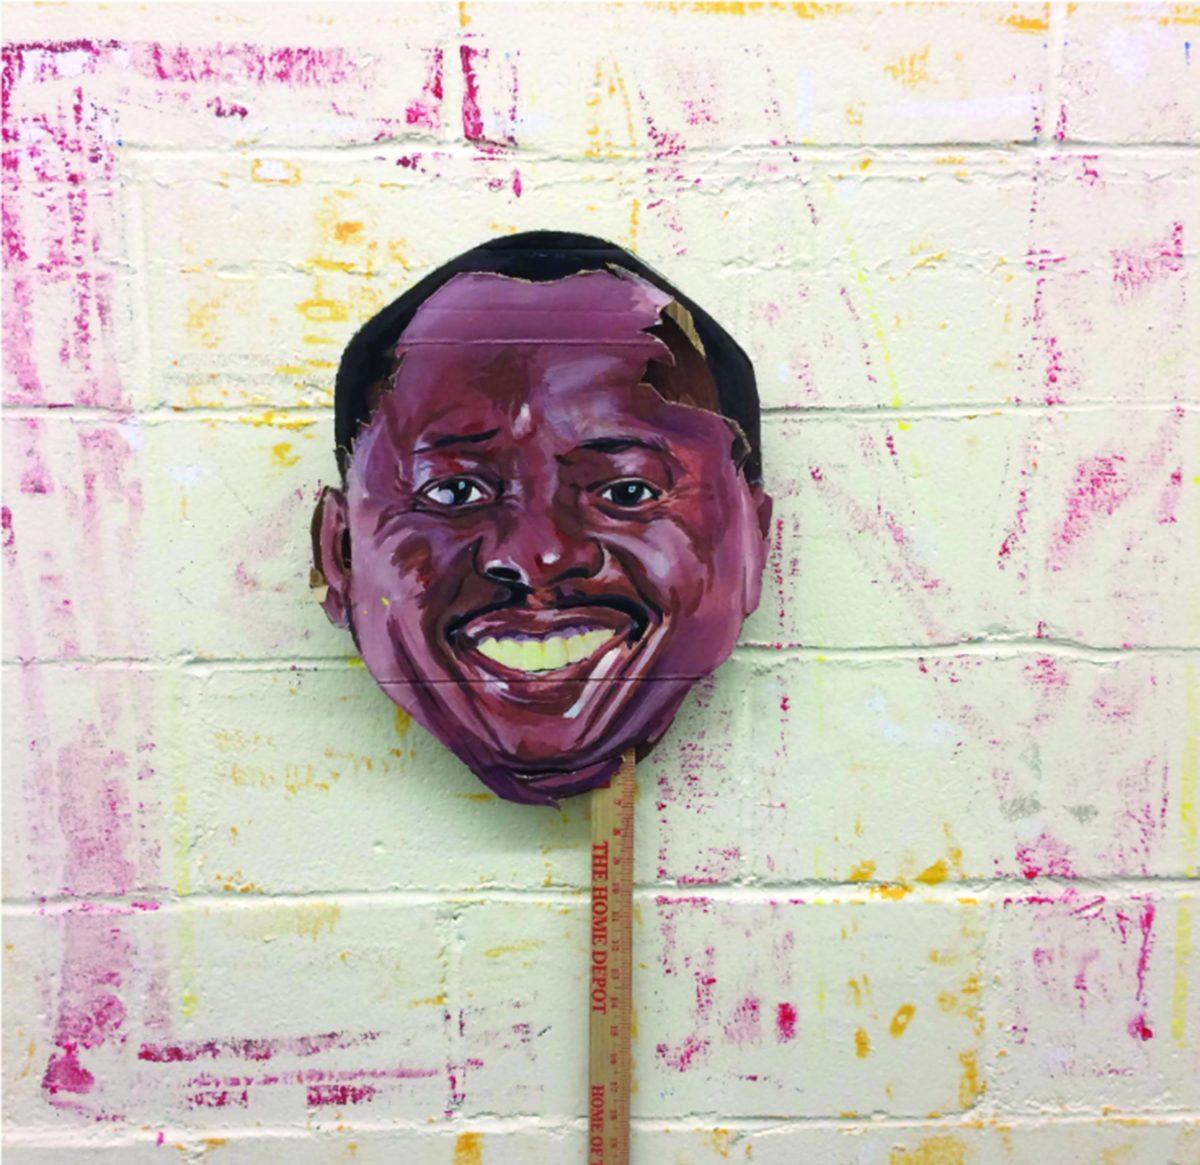 Cardboard rendering of Ken Saro-Wiwa